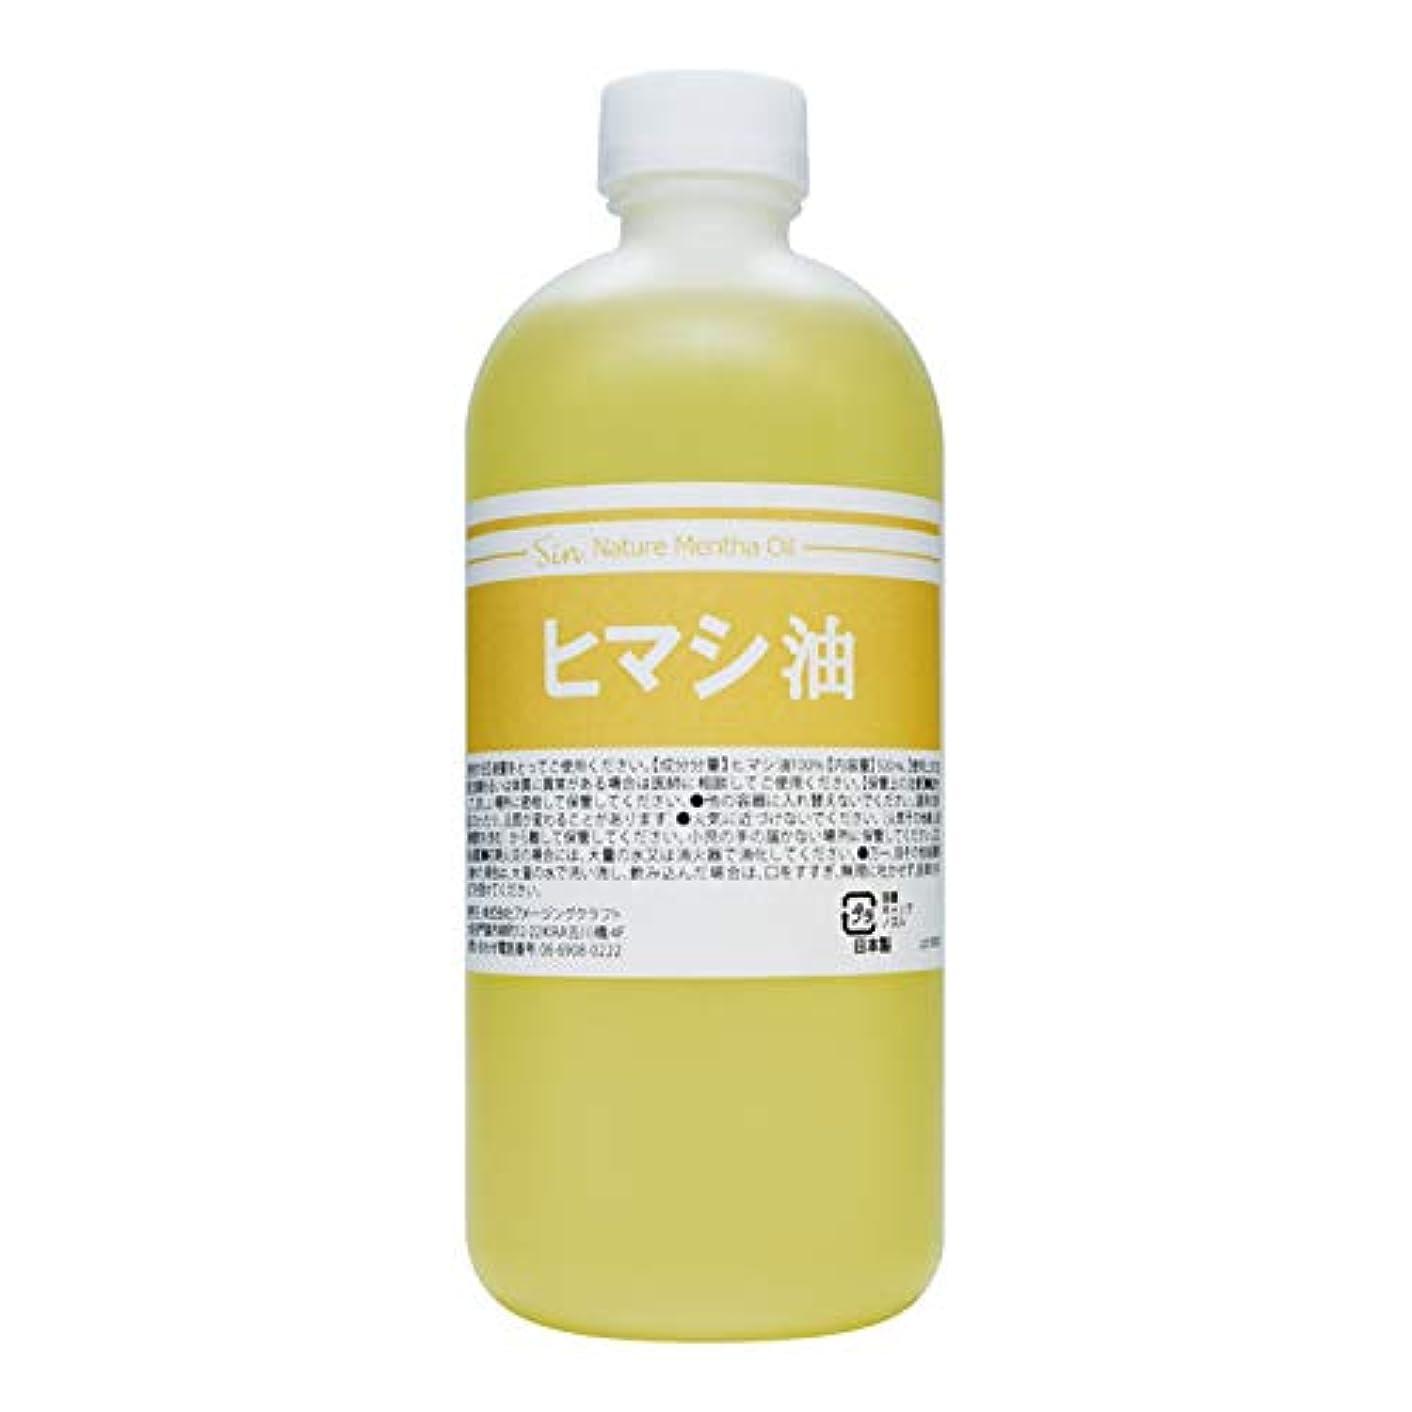 木材捨てる生天然無添加 国内精製 ひまし油 500ml (ヒマシ油 キャスターオイル)